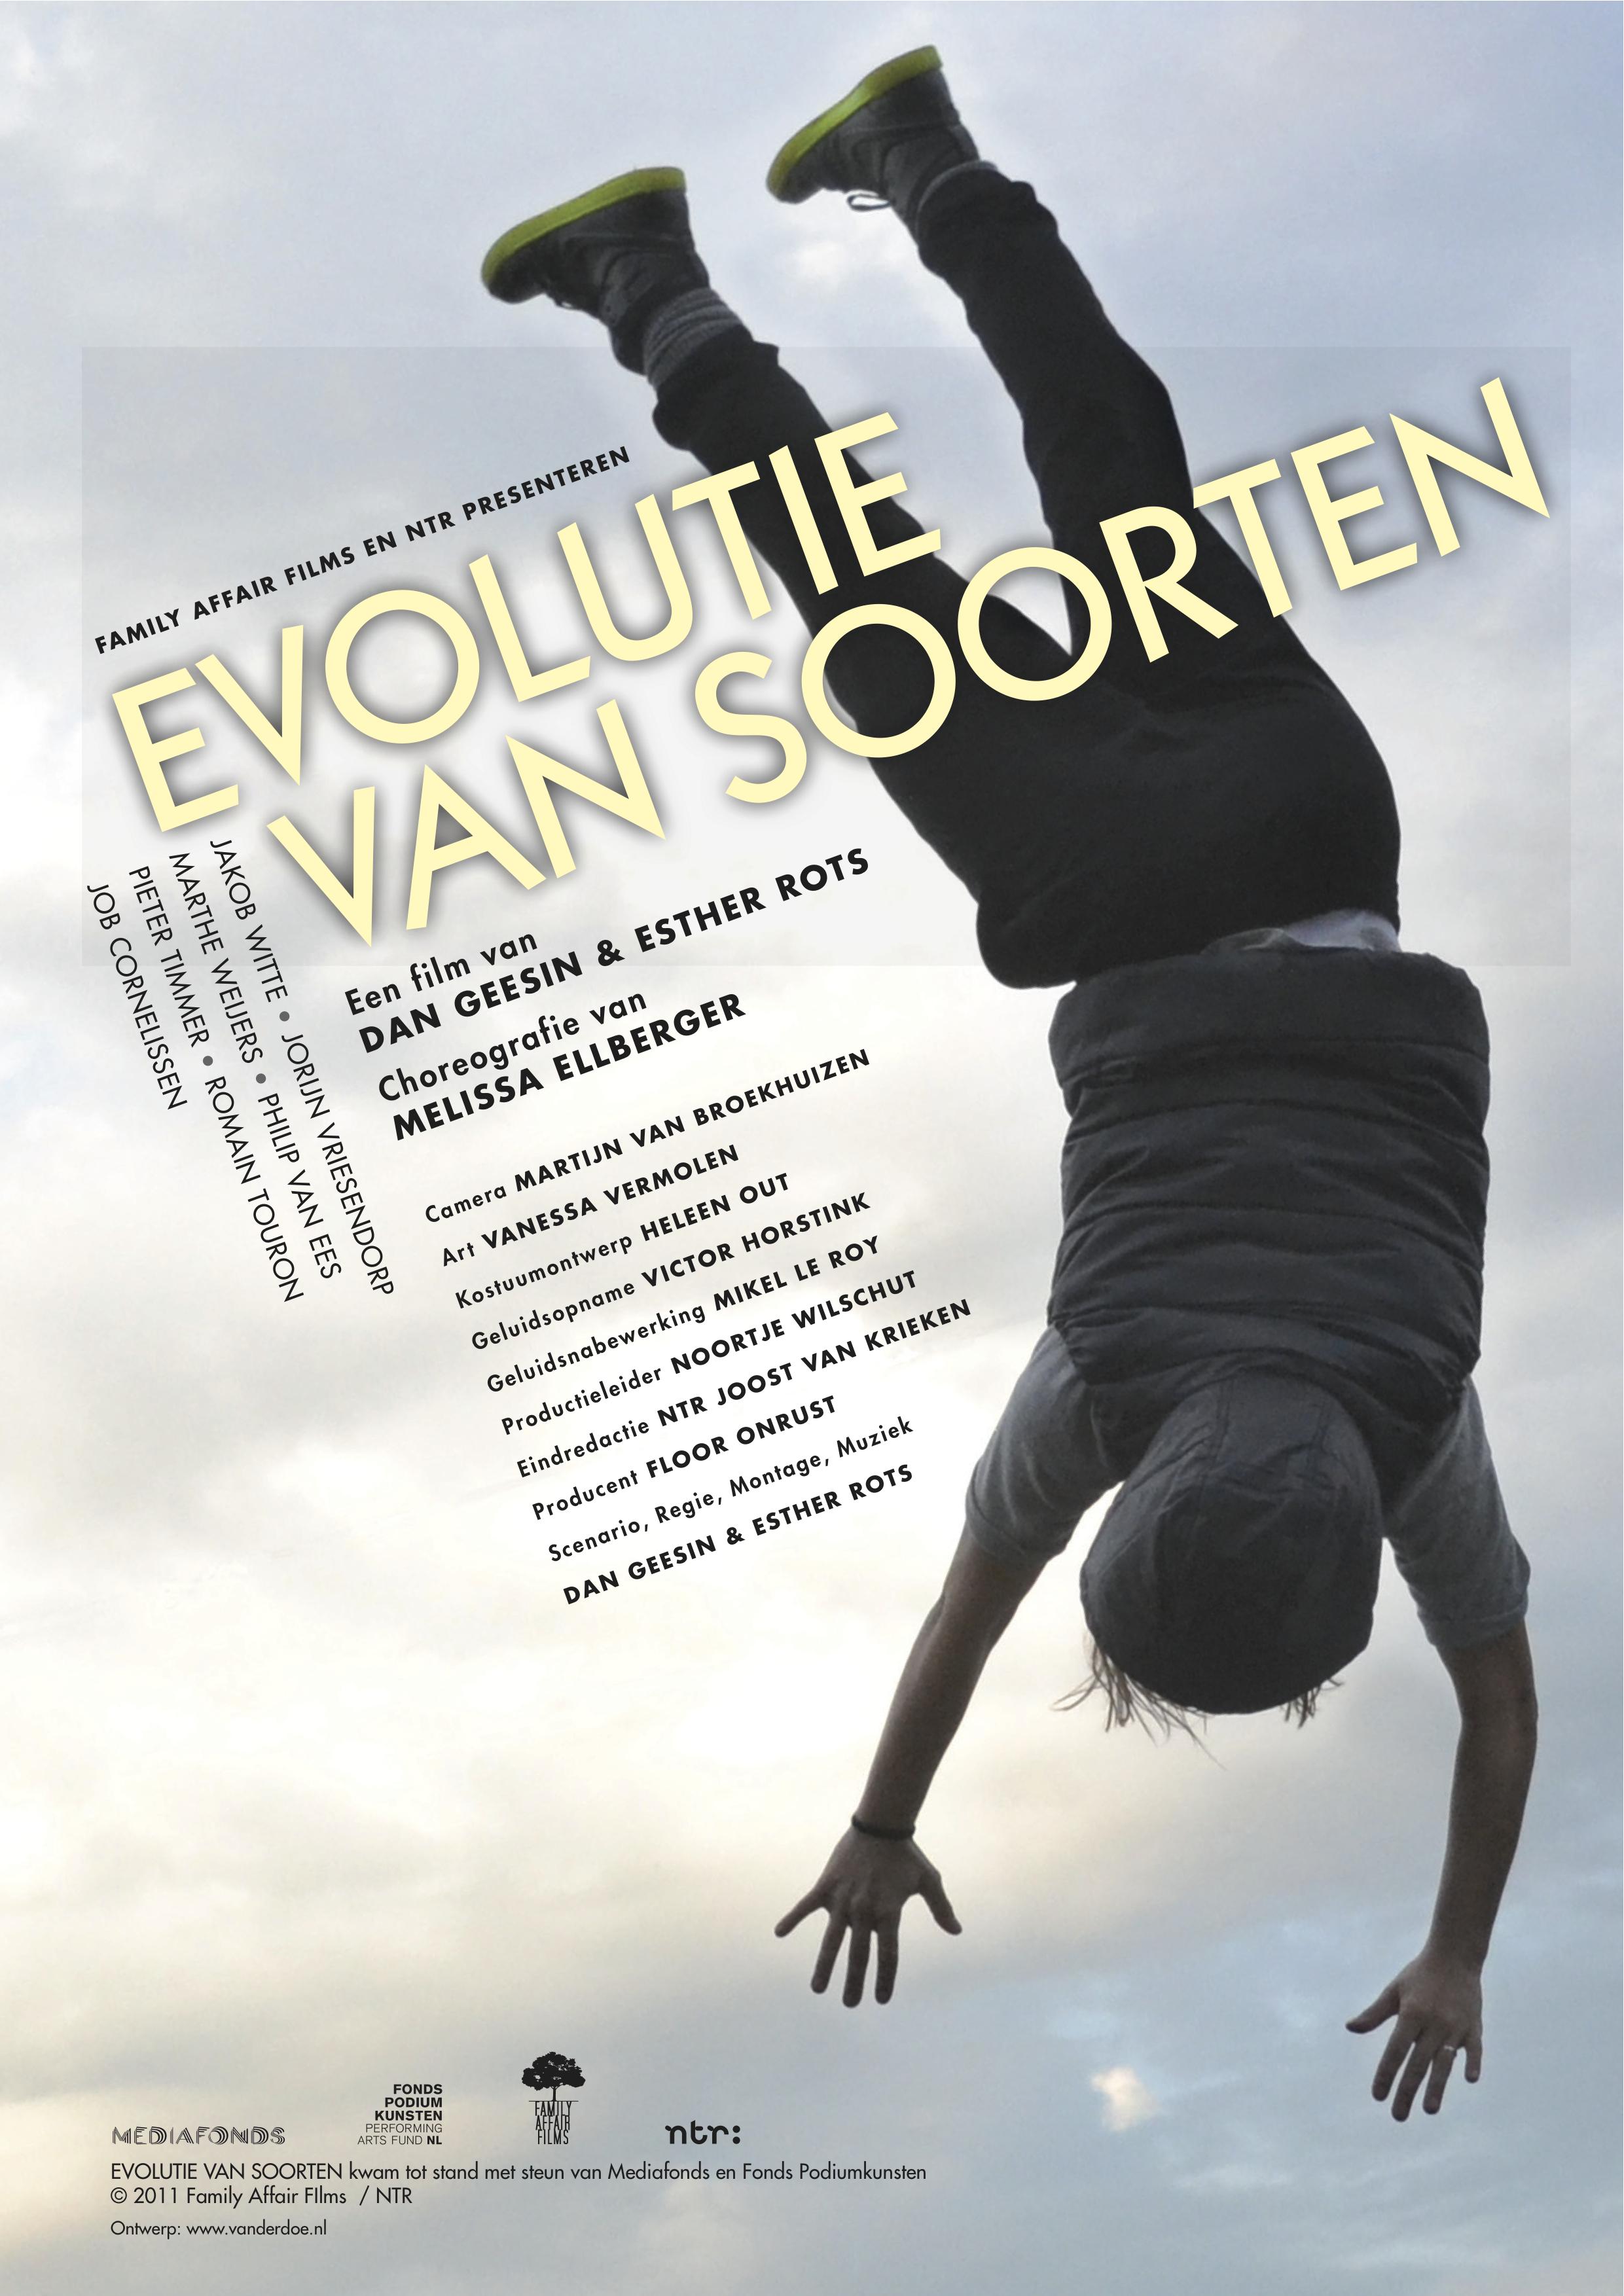 Affiche EvolutieVanSoorten-2.jpg